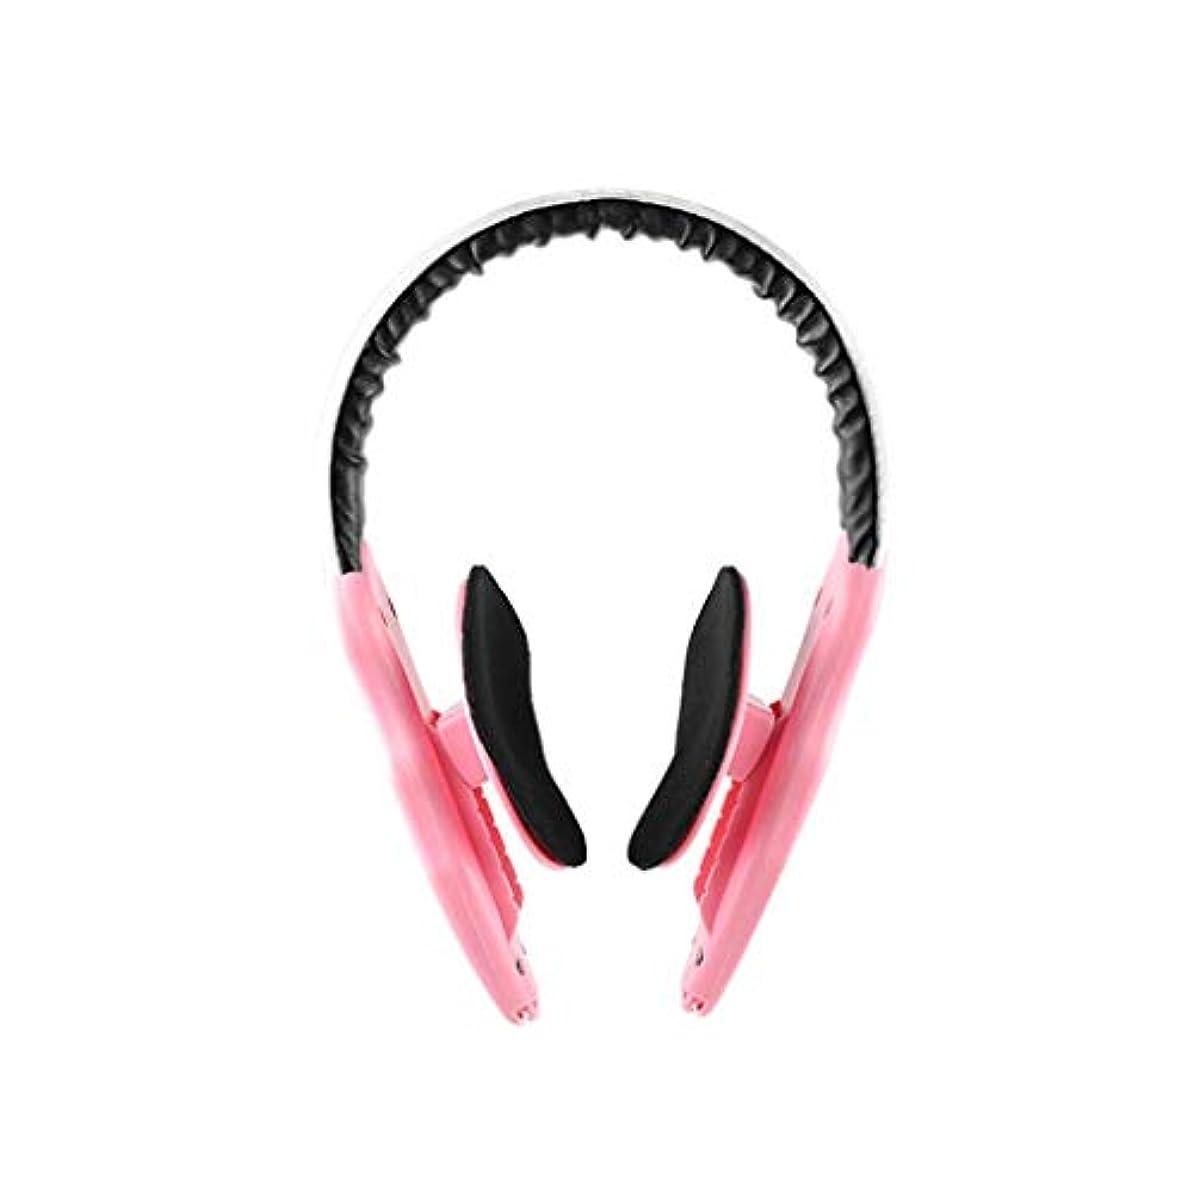 神経衰弱直感洗うLJK フェイスリフトマスク、フェイスブレース、非対称フェイスマッセターマッスル、フェイシャルラインの強化、フェイシャルファットの改善、男性に最適 (Color : Pink)